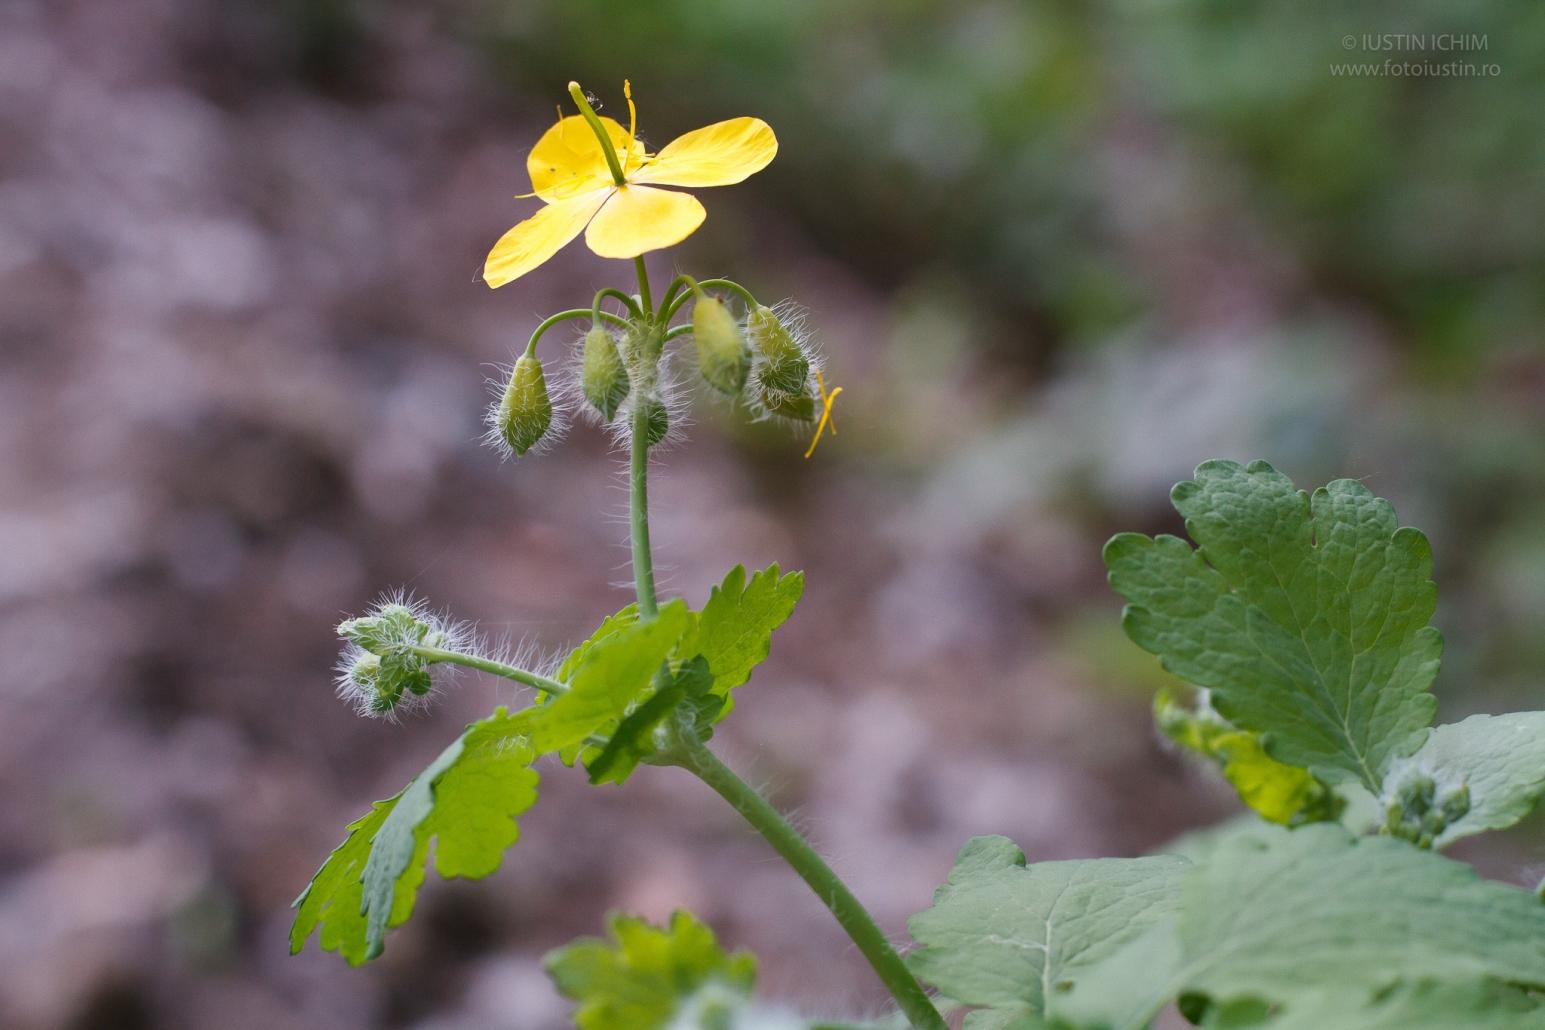 Chelidonium majus, Rostopasca, fam. Papaveraceae, iarbă de negi